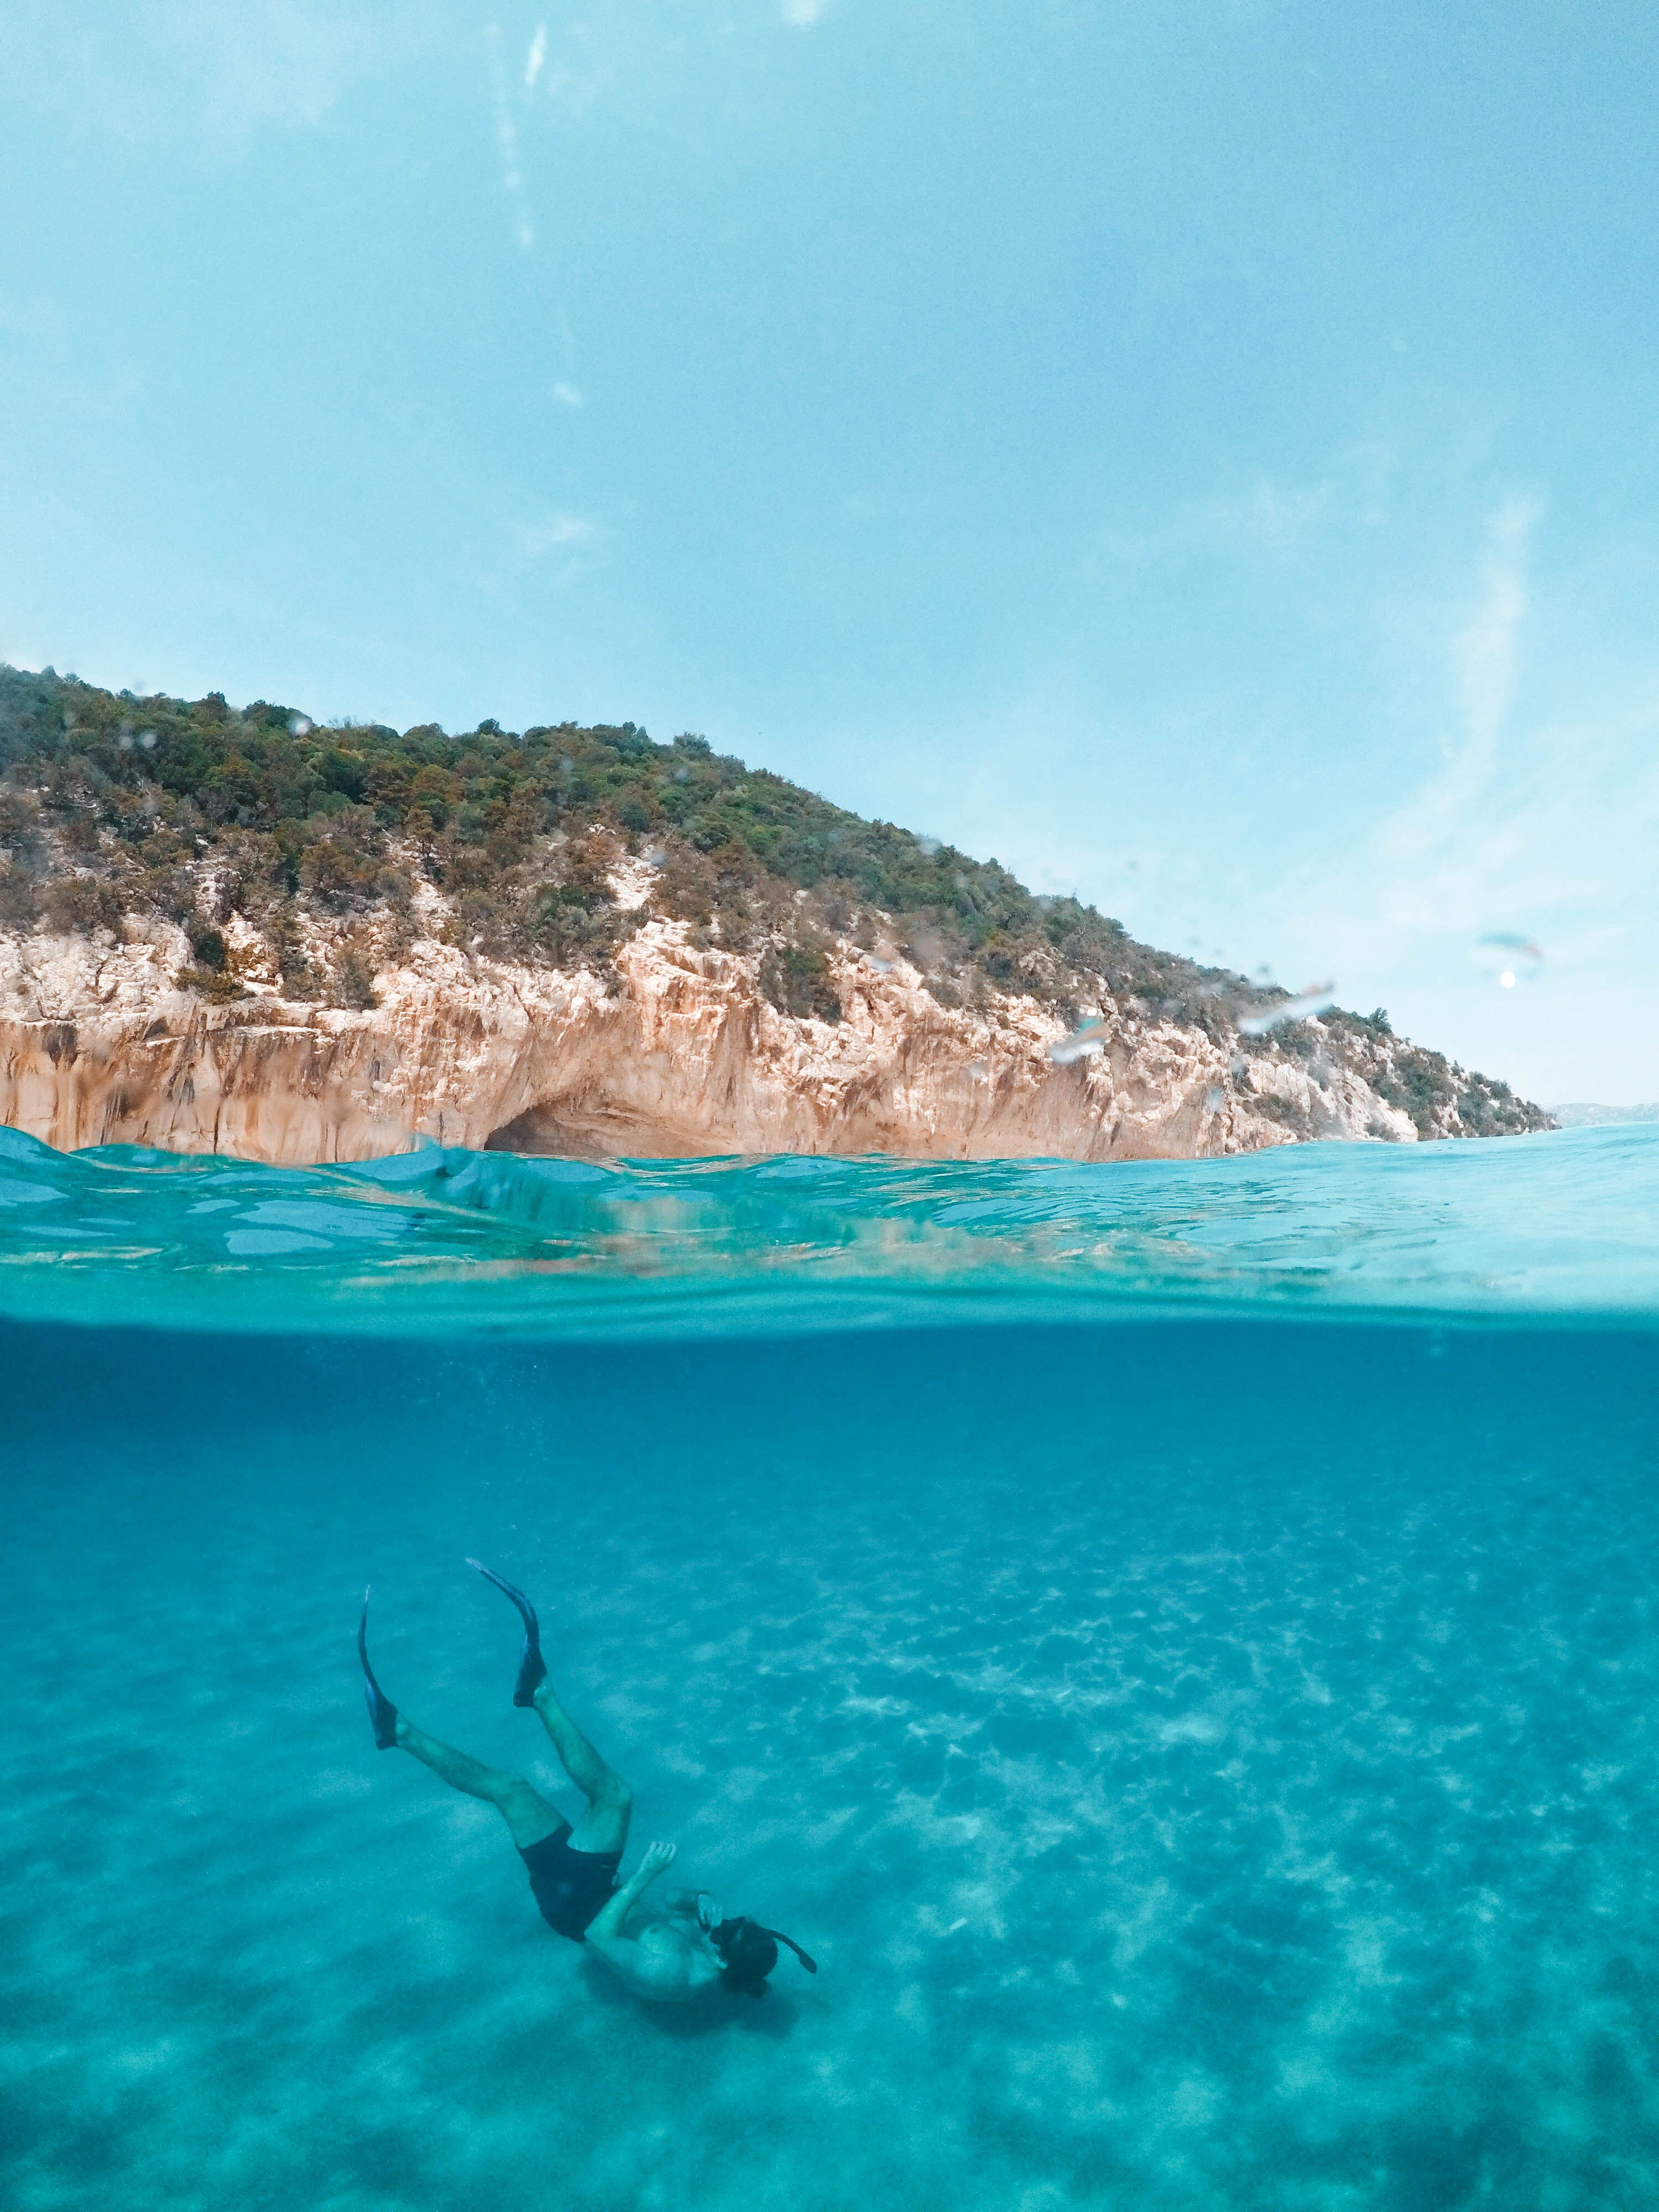 คลังภาพถ่ายฟรี ของ การดำน้ำ, การถ่ายภาพระดับแยก, การท่องเที่ยว, การผ่อนคลาย